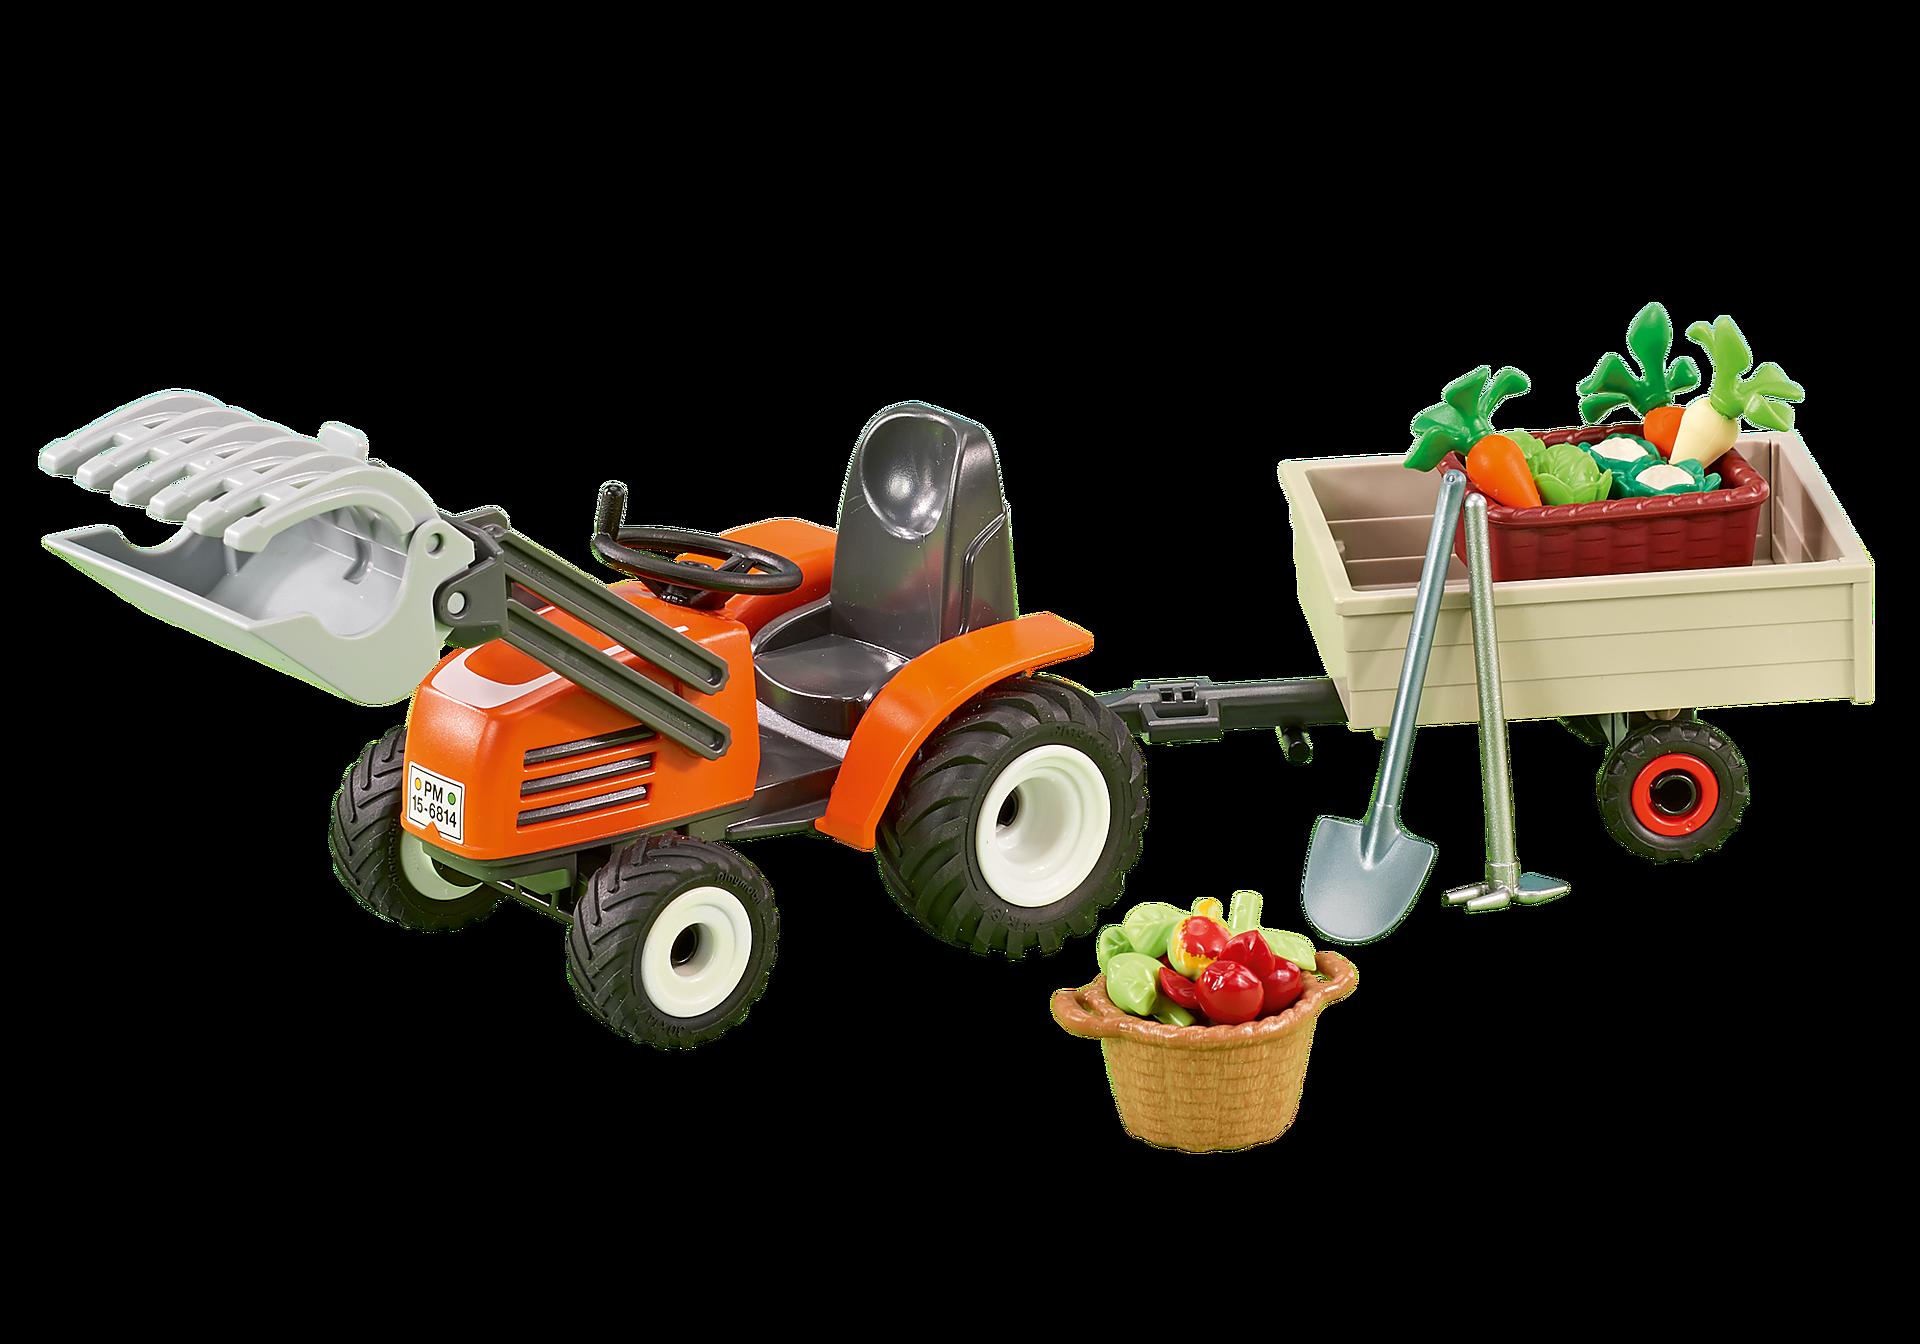 6537 Trattorino con carretto frutta e verdura zoom image1